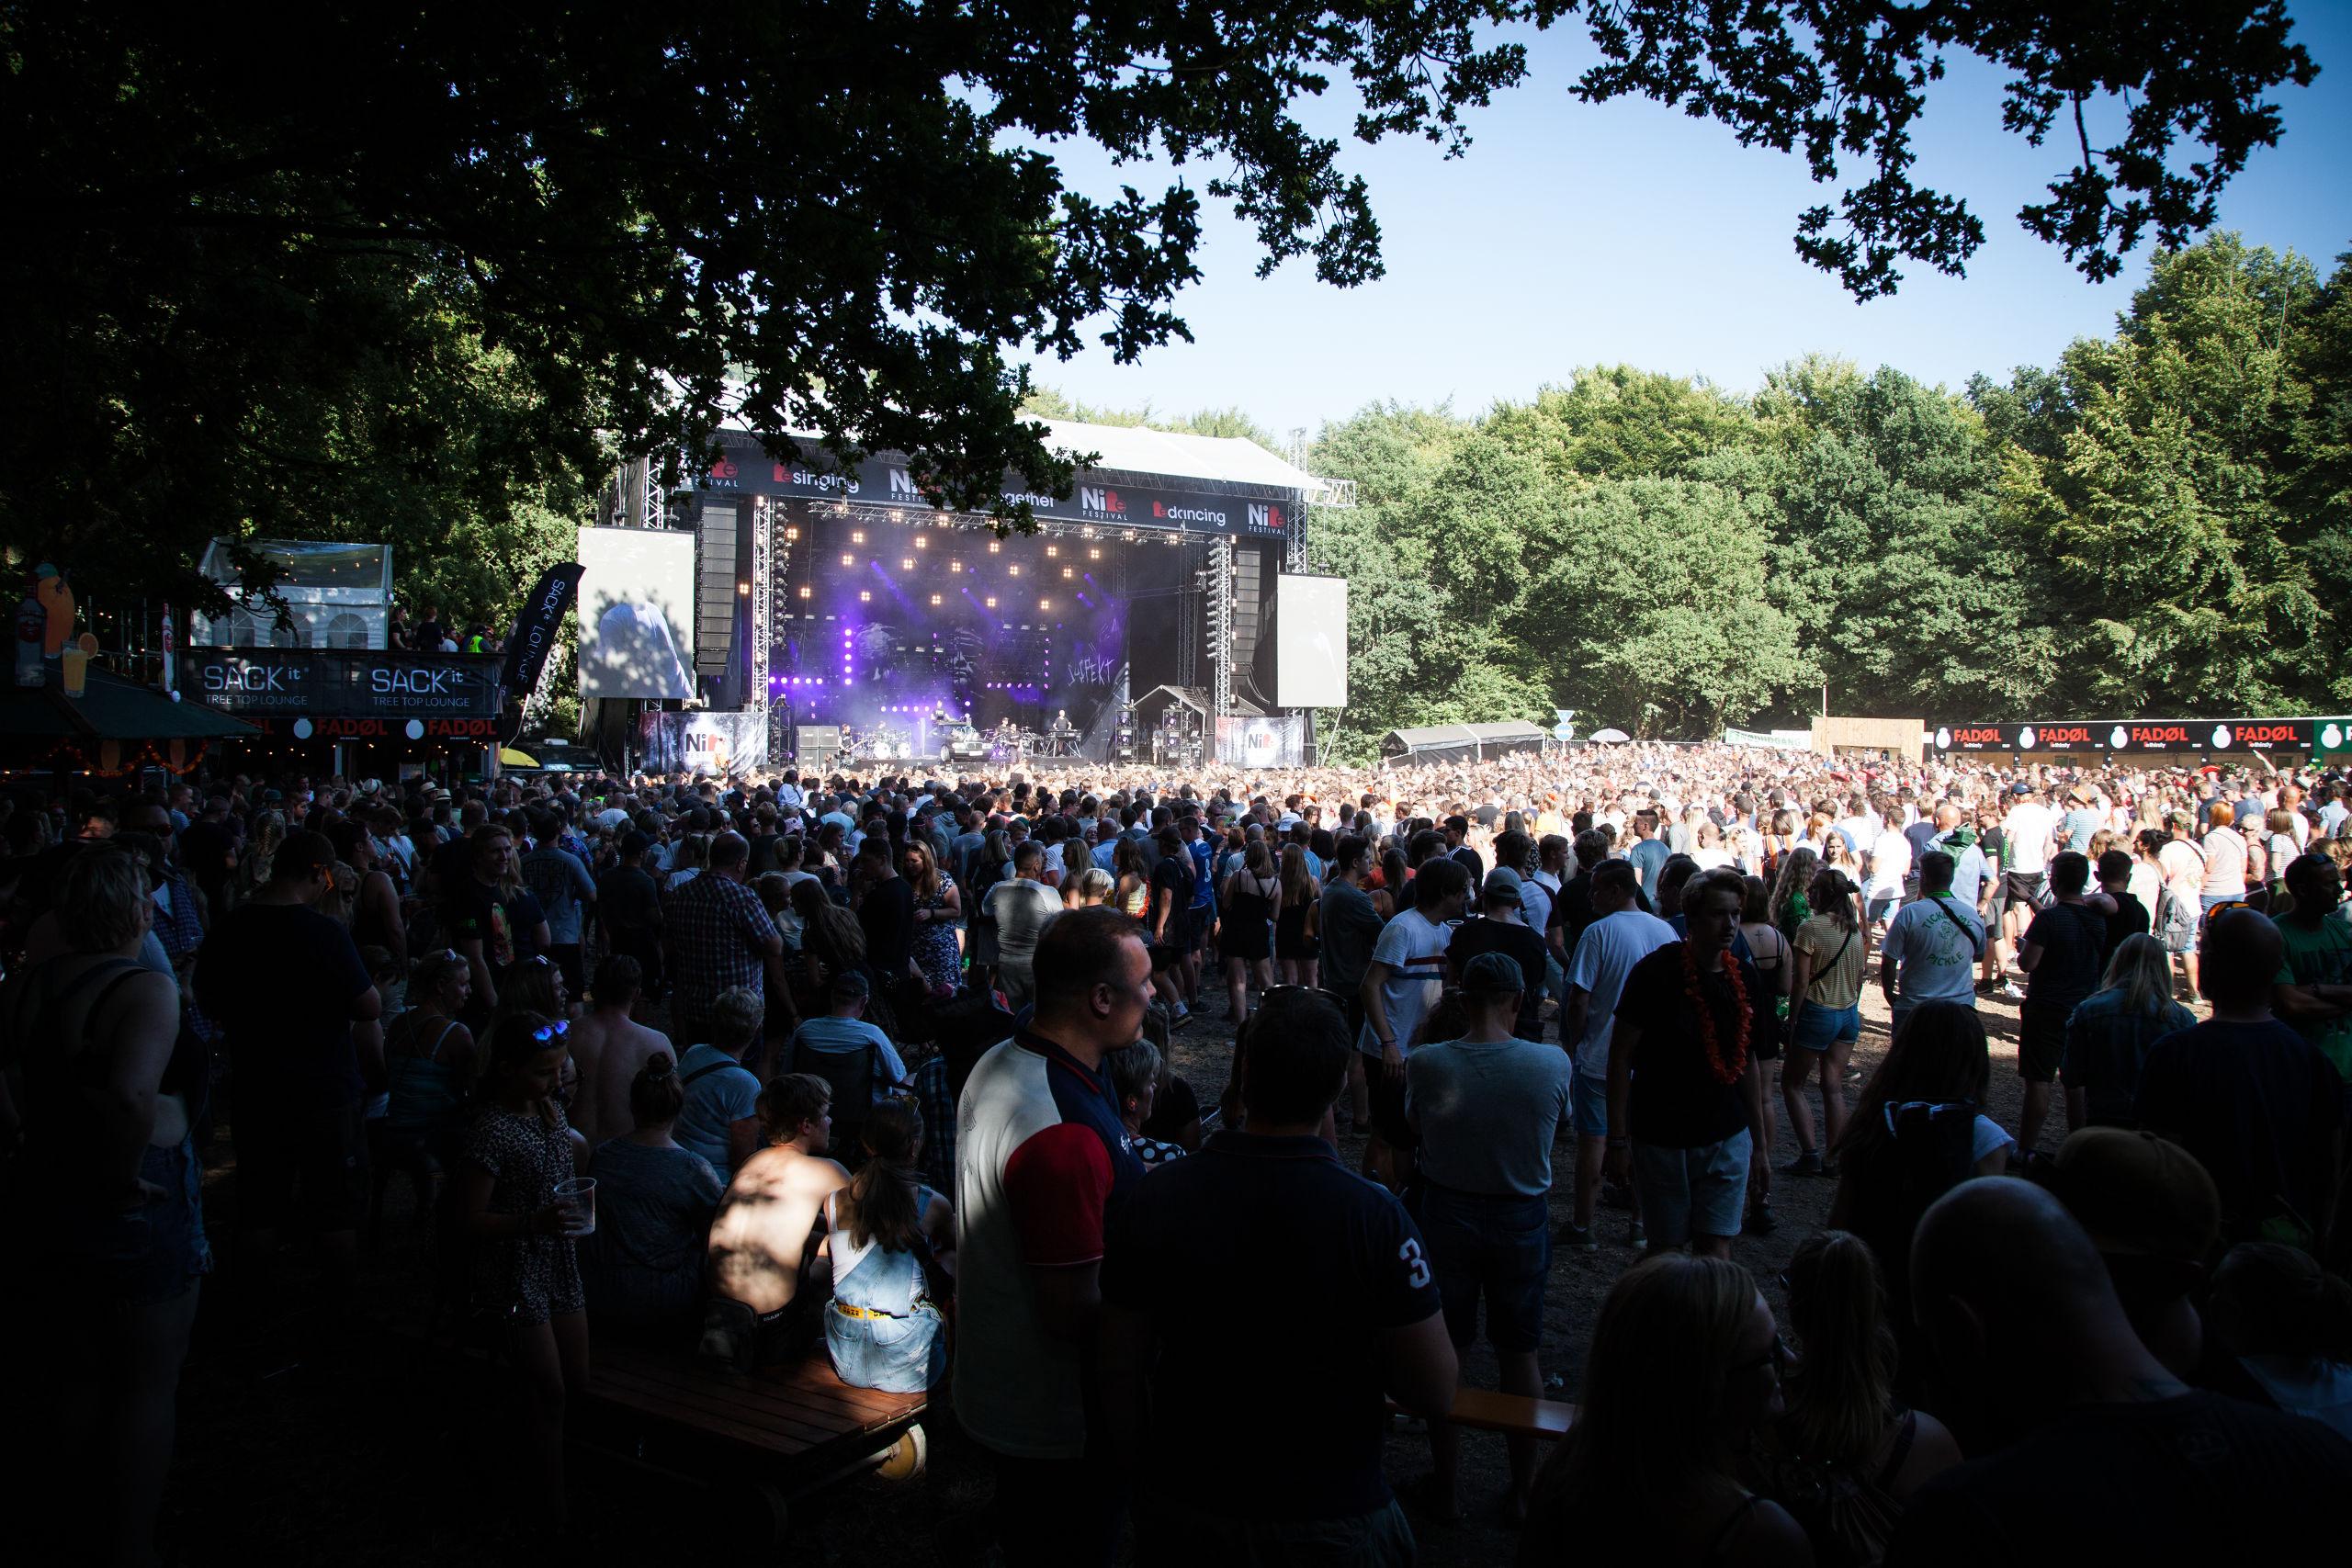 Årets Nibe Festival gav rekordomsætning - nu er der penge til foreningerne bag. Foto: Nibe Festival